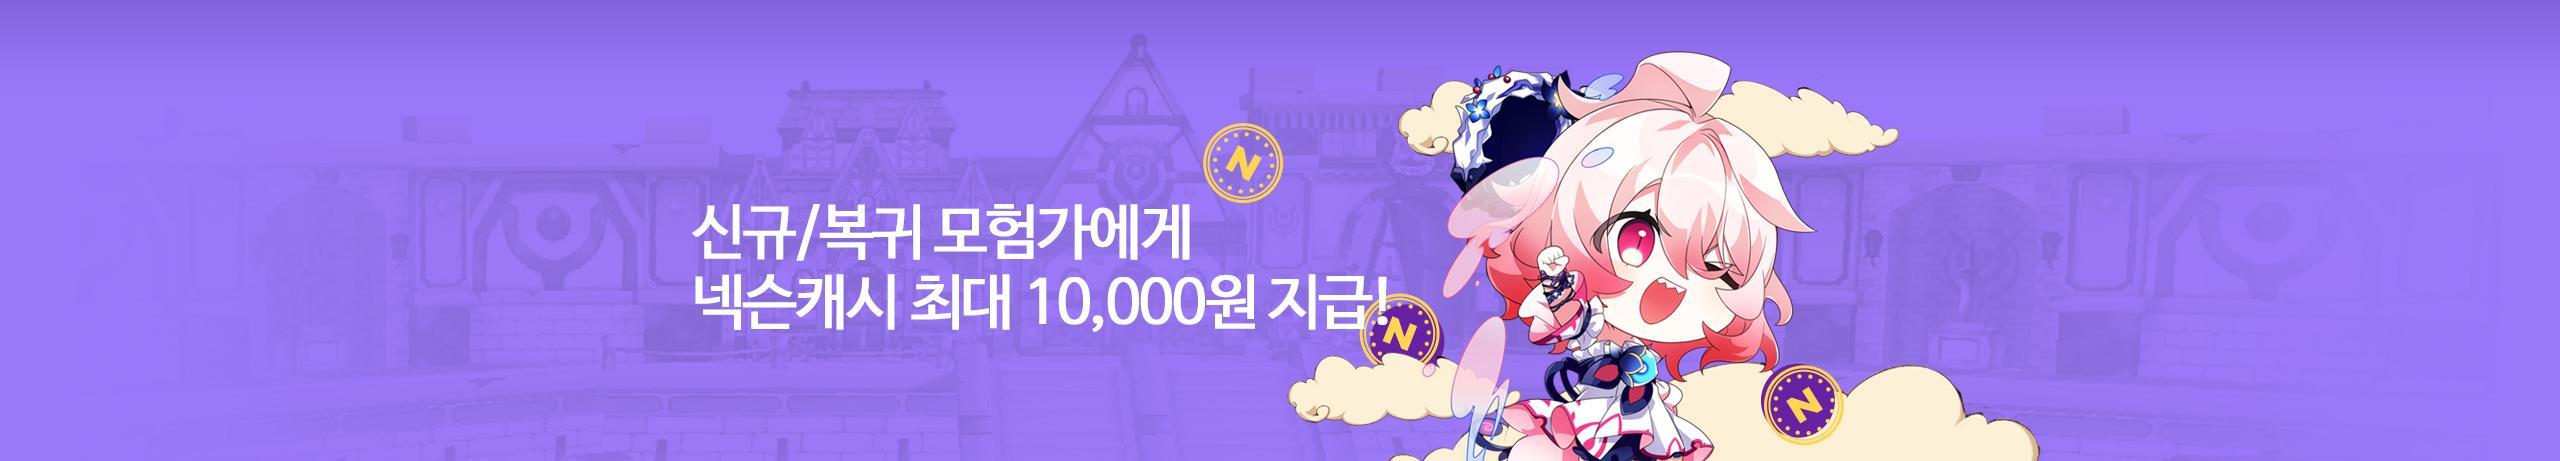 신규/복귀 모험가에게 넥슨캐시 최대 10,000원 지급!